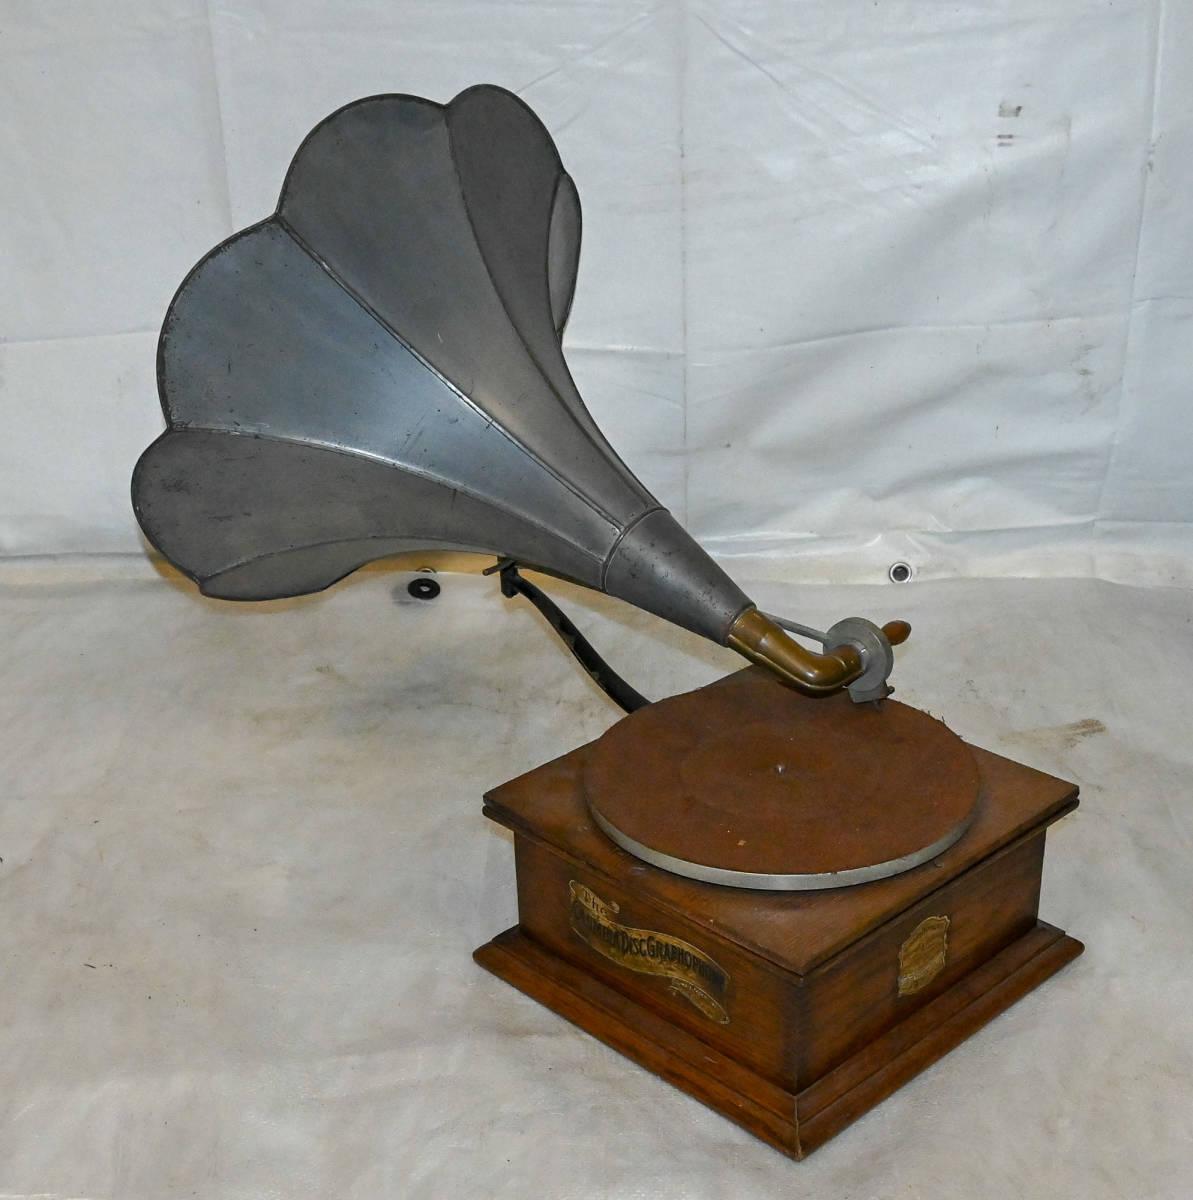 明治37年 / 1904年 Columbia / コロムビア Imperial Style X 型 初期蓄音器 欠品なし 一応動作 非常に珍しいです